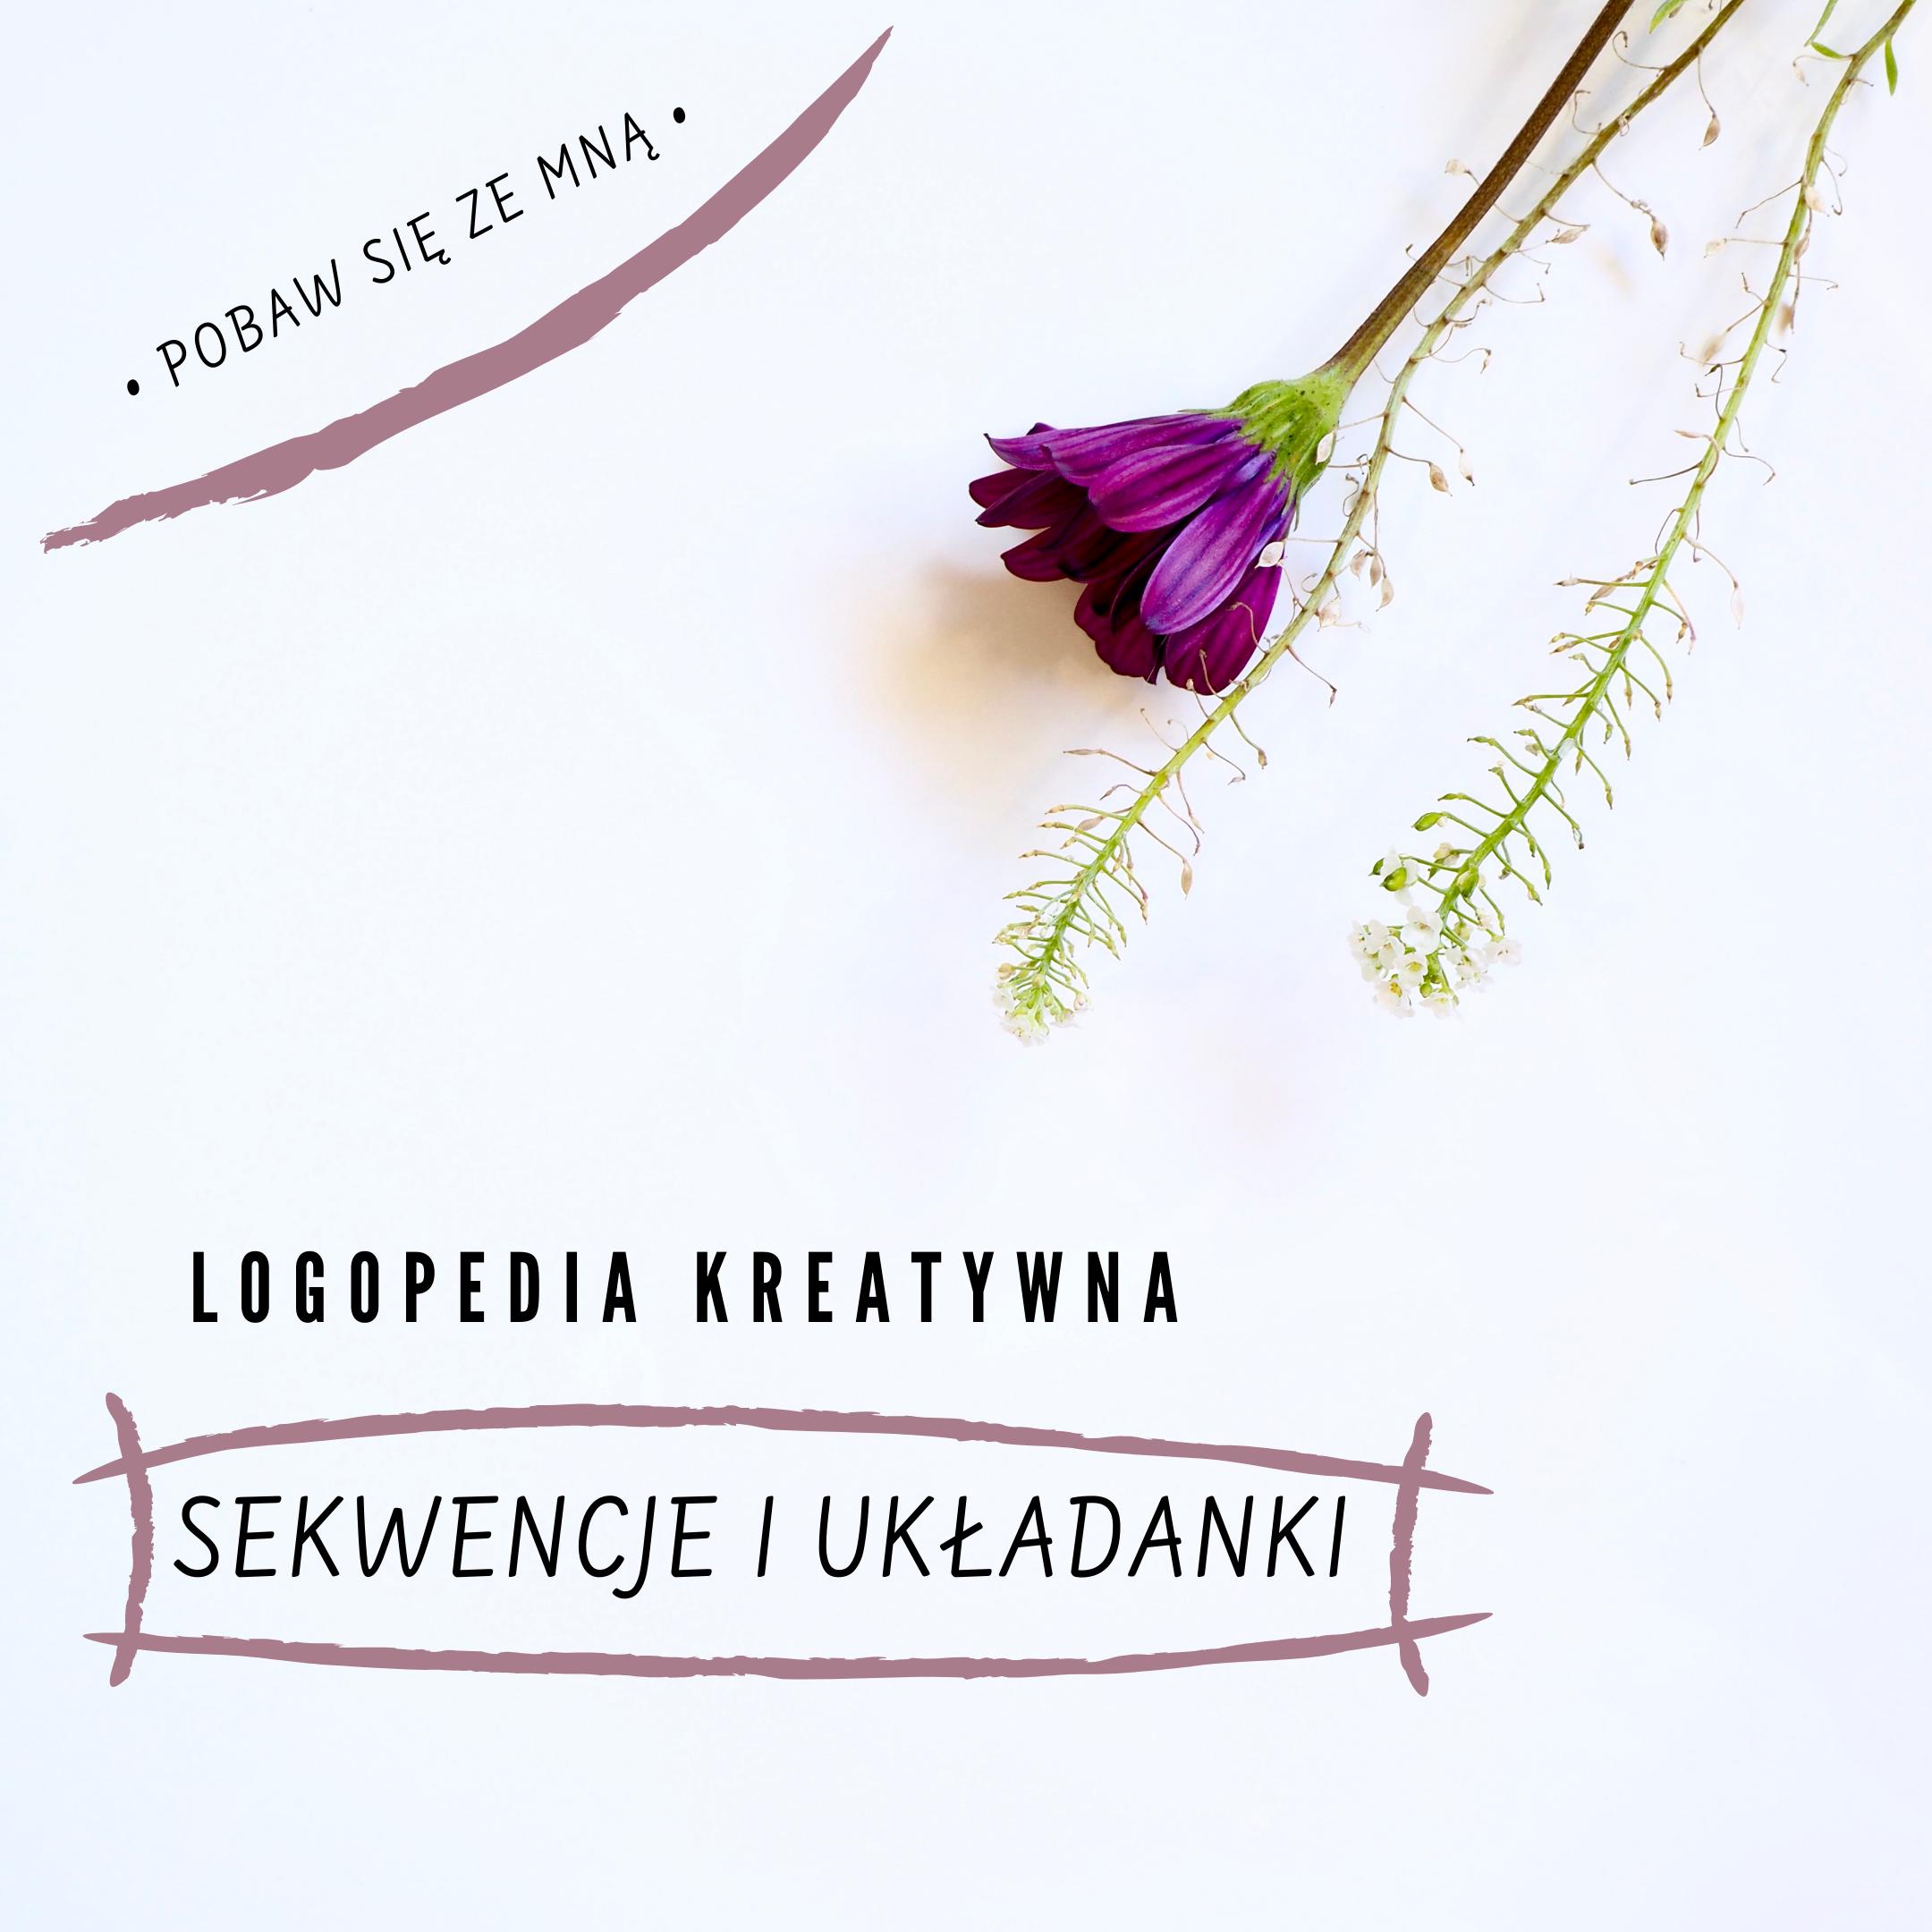 Logopedia kreatywna cz. I (sekwencje i układanki lewopółkulowe)